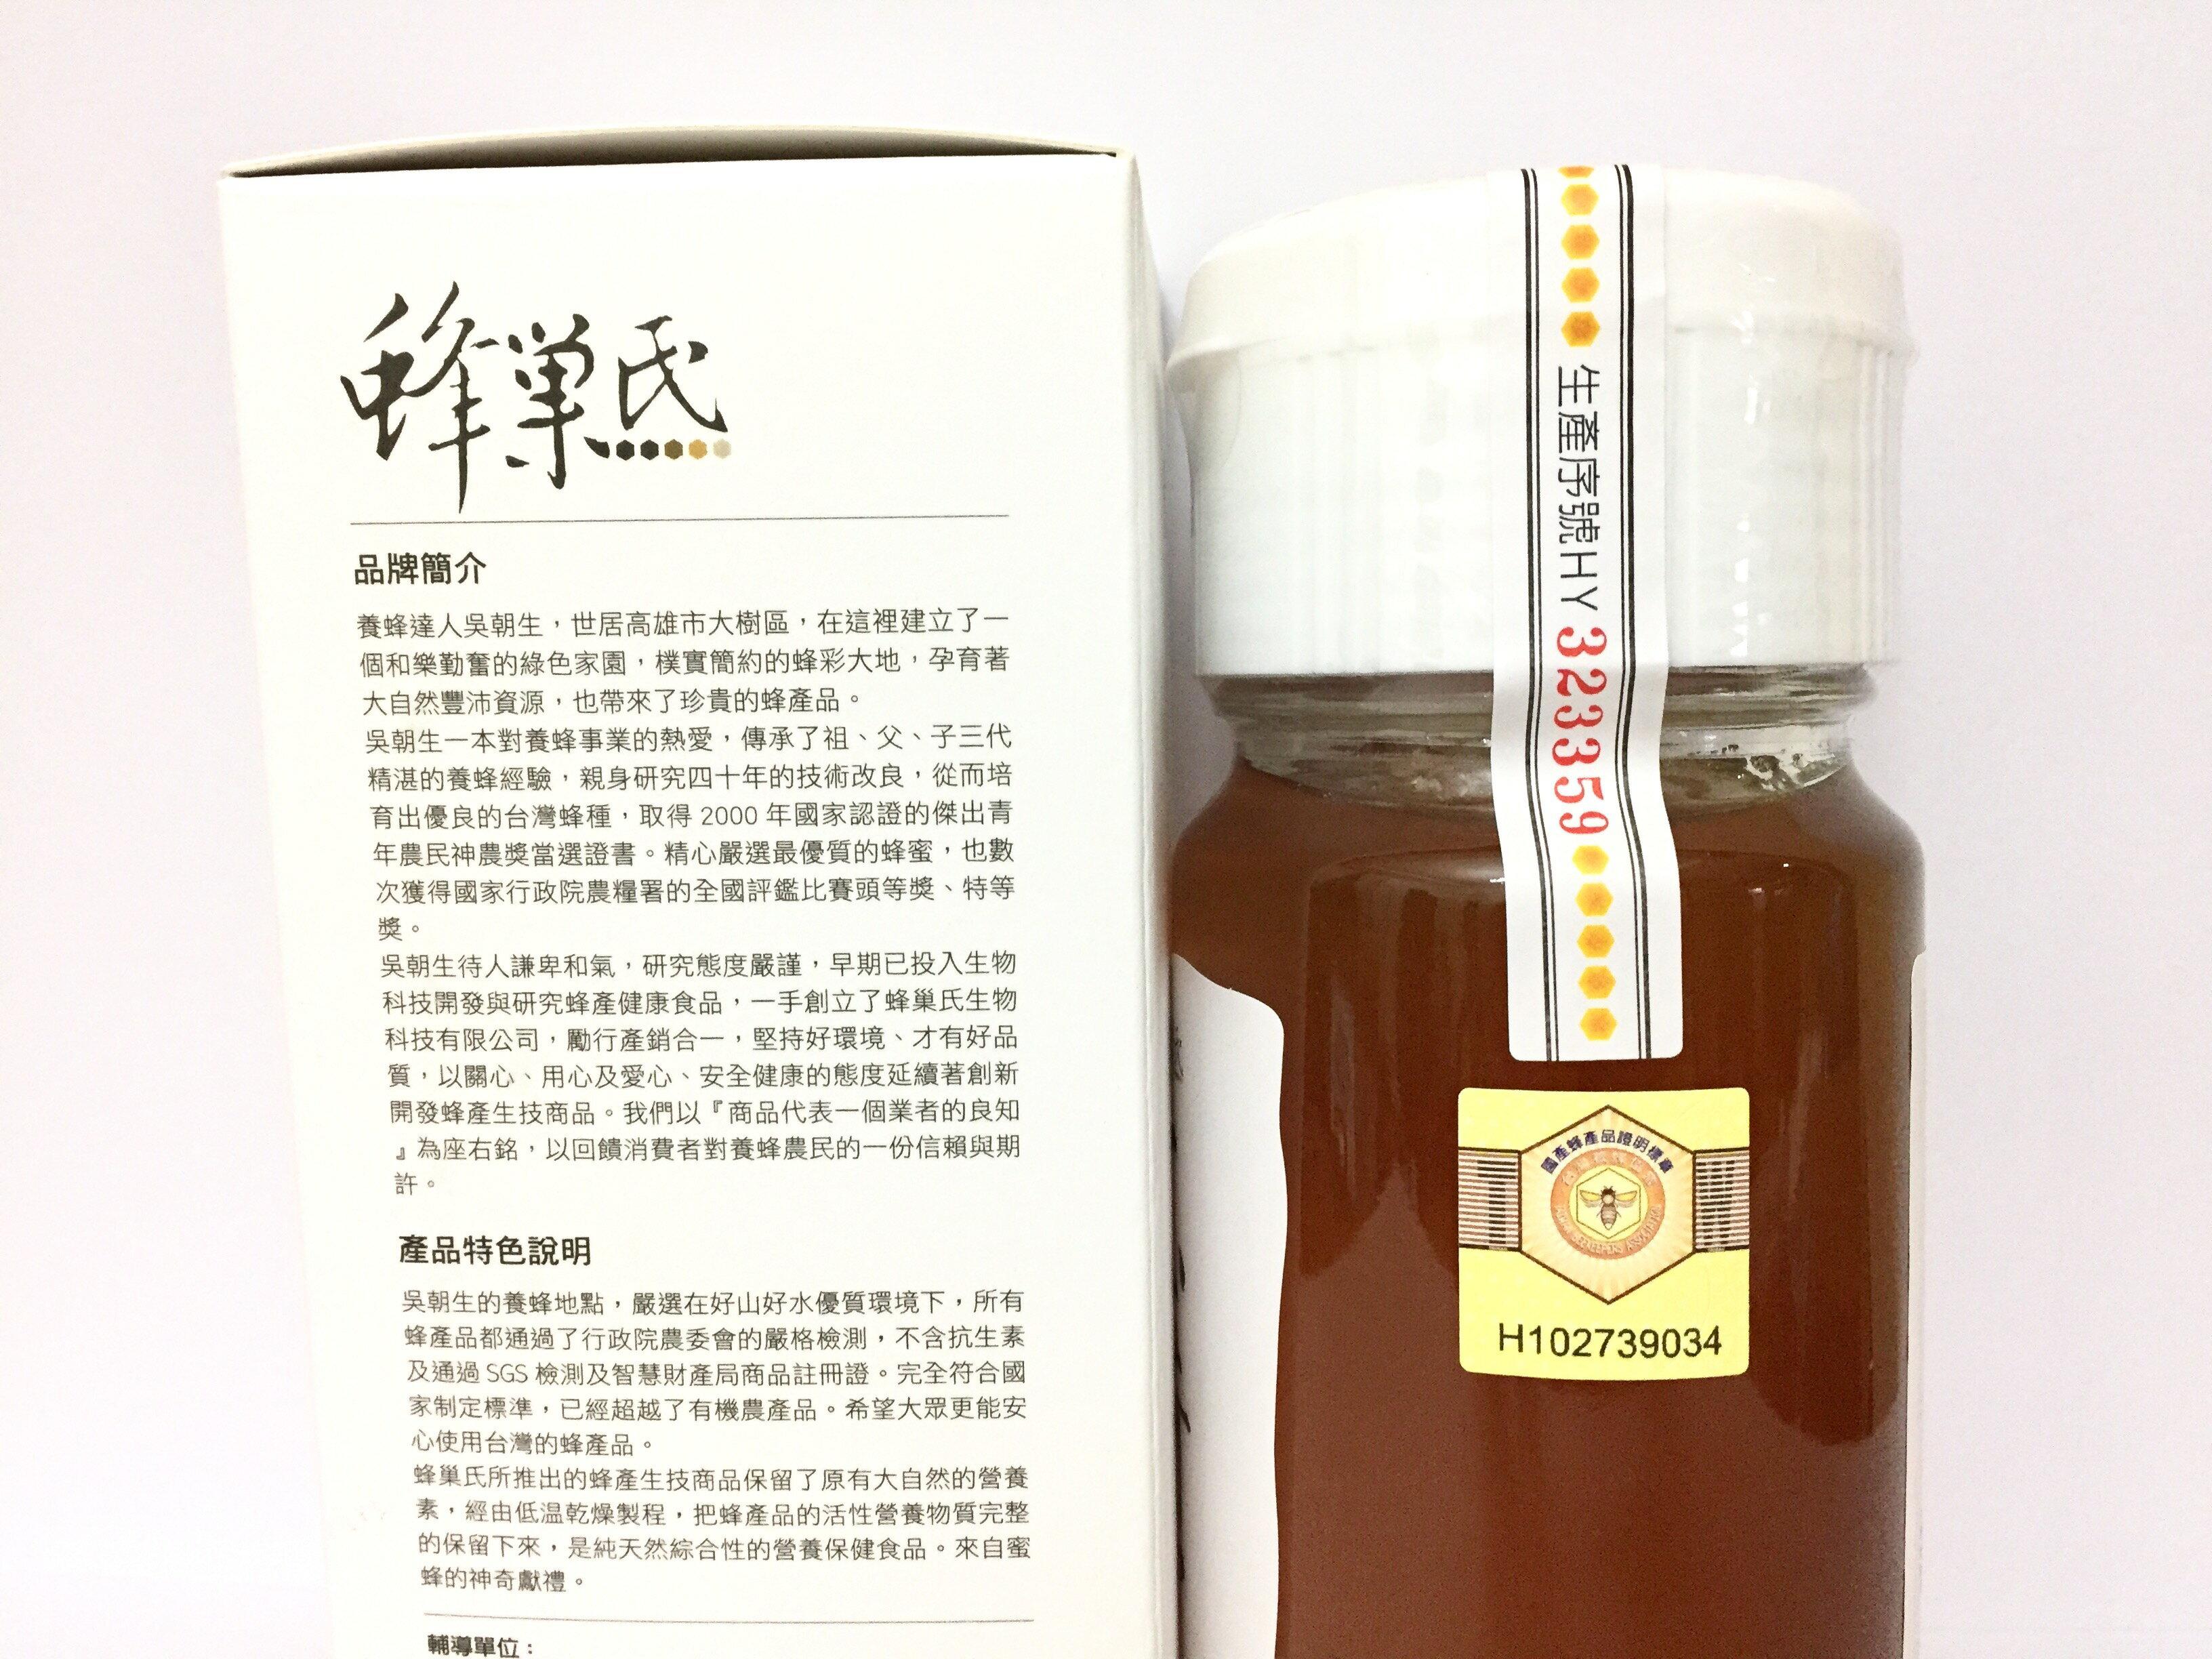 玉荷包蜂蜜【國產蜂產品認明標章】純蜂蜜--玻璃裝--700g缺貨